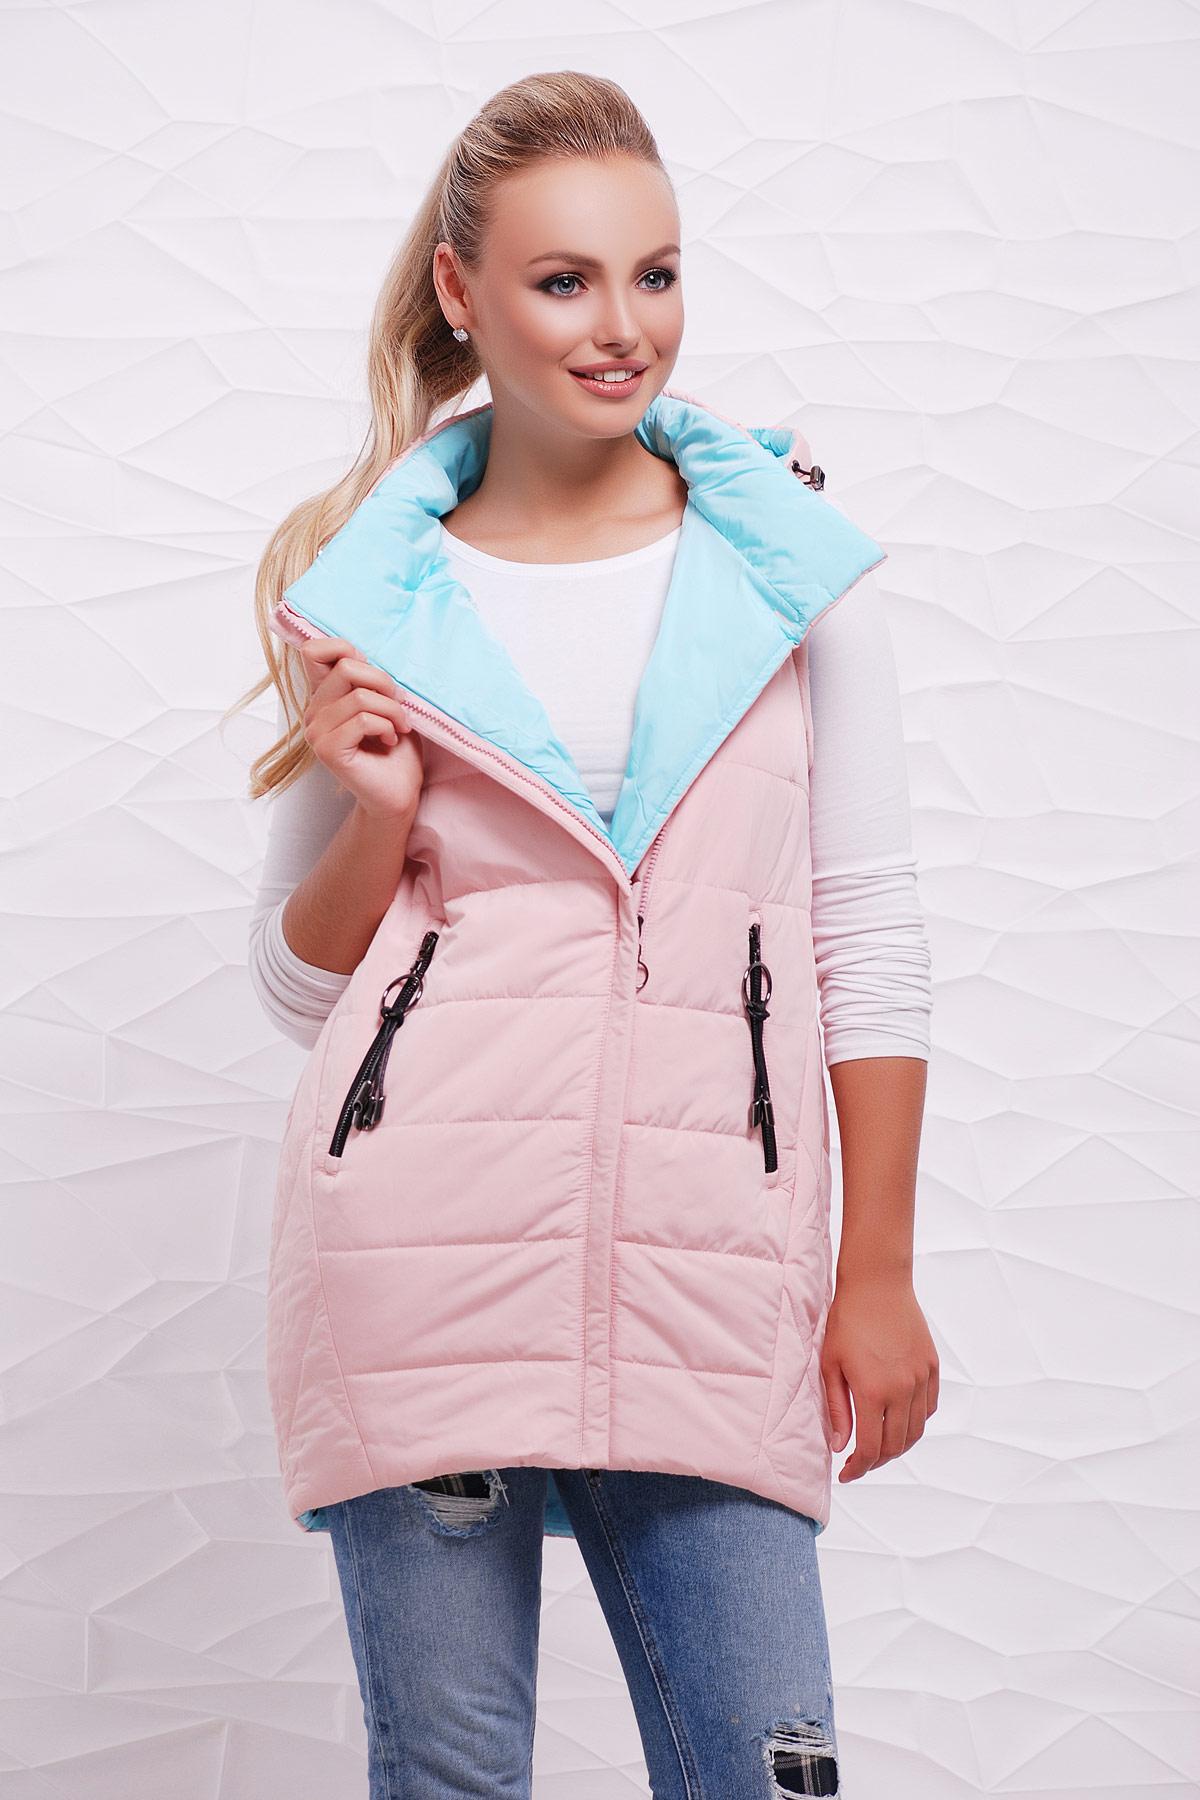 женская куртка трансформер фото